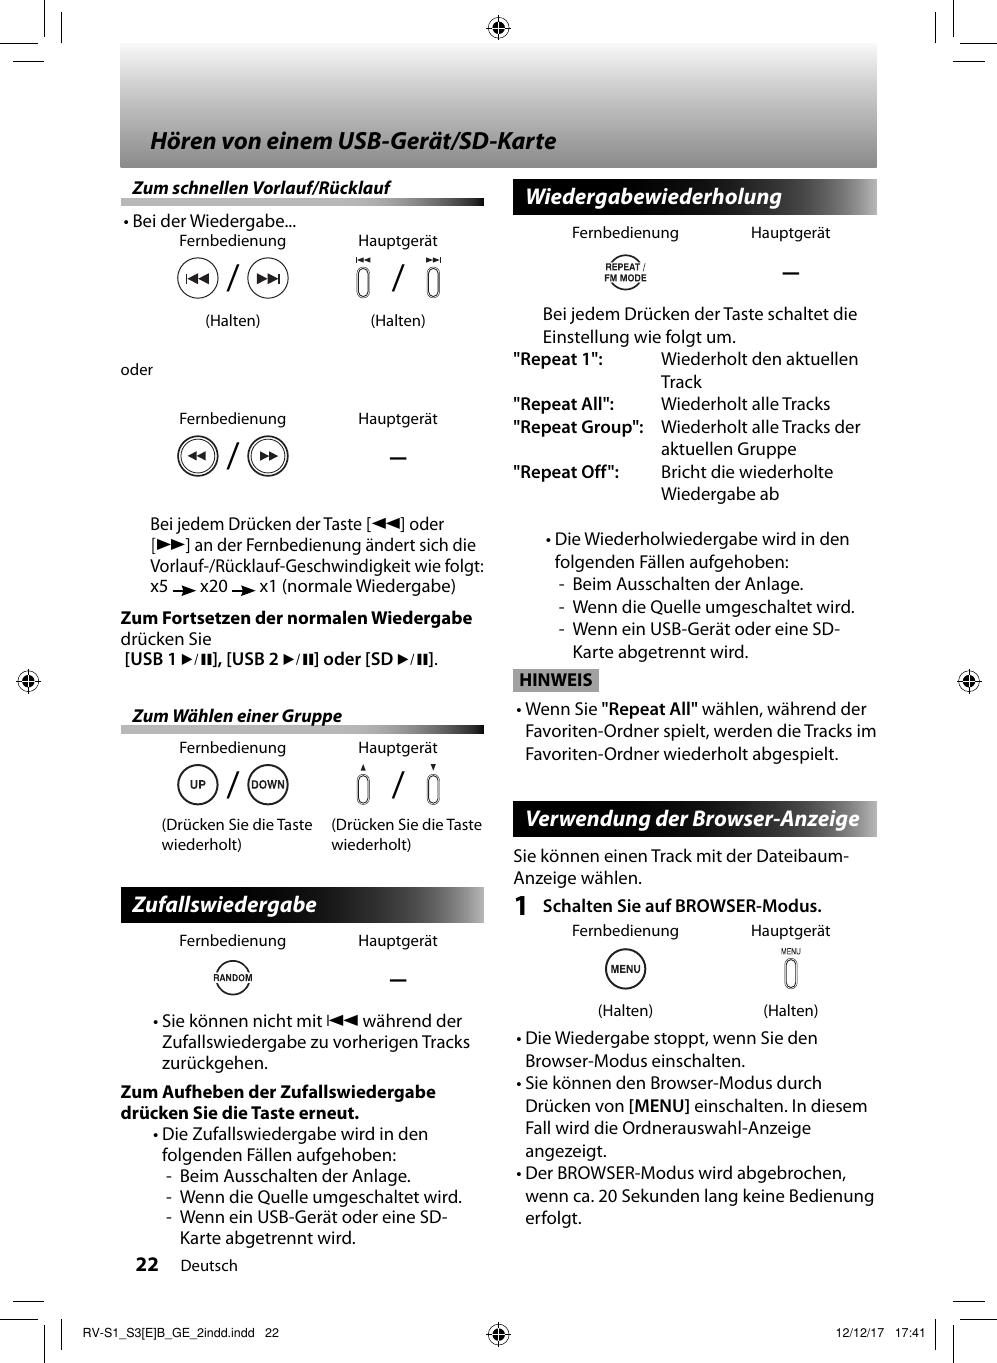 Groß Formatverweise Fortsetzen Fotos - Entry Level Resume Vorlagen ...